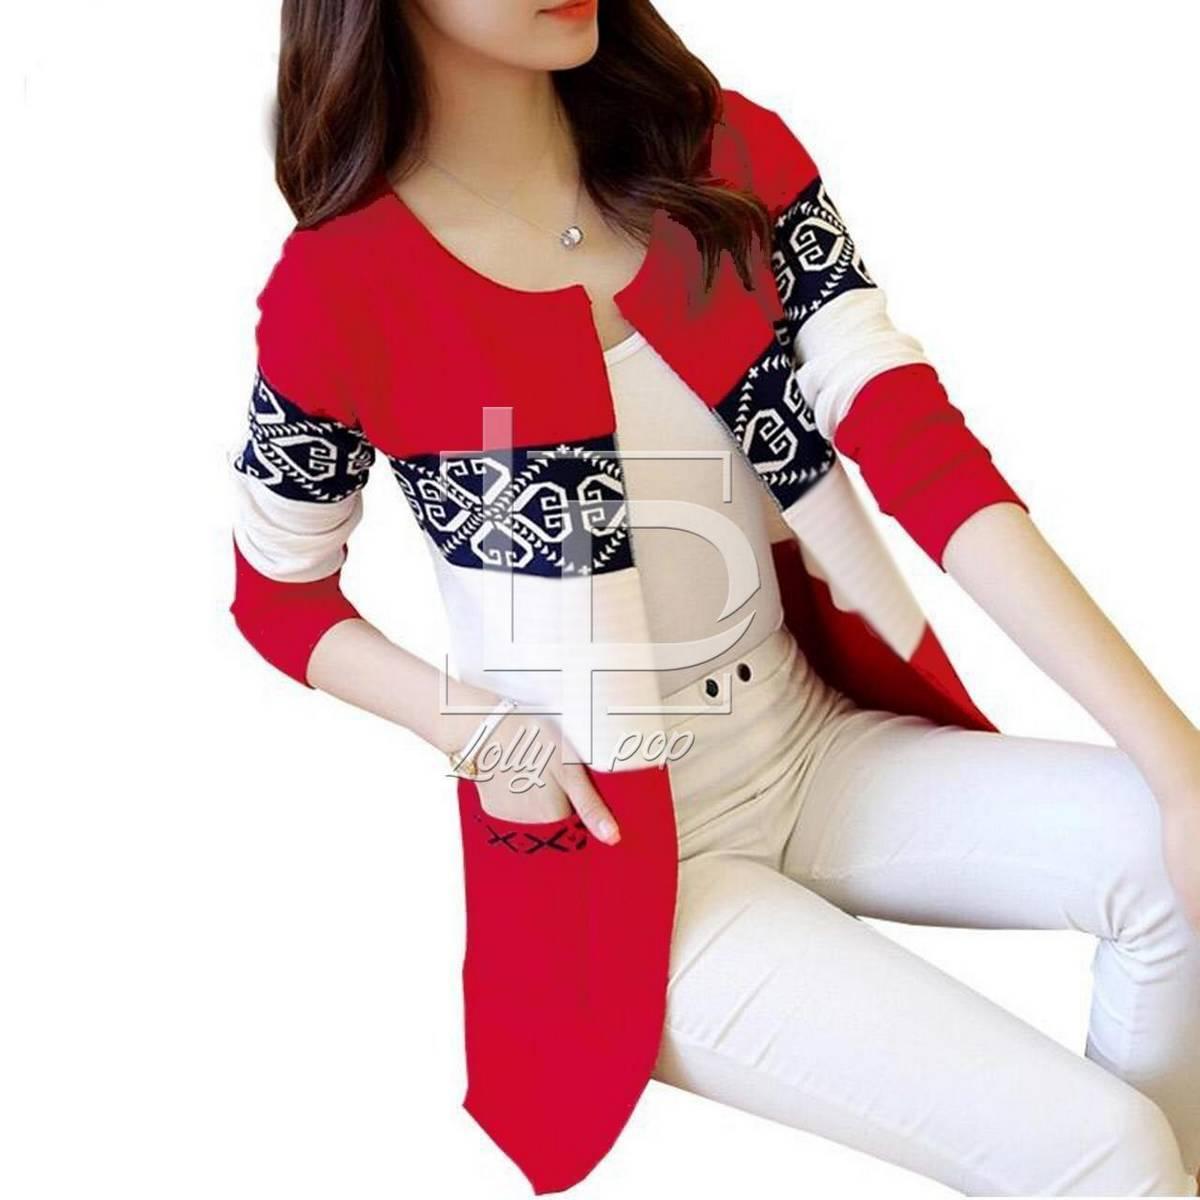 DM-Ice Cake Red Coat for Women